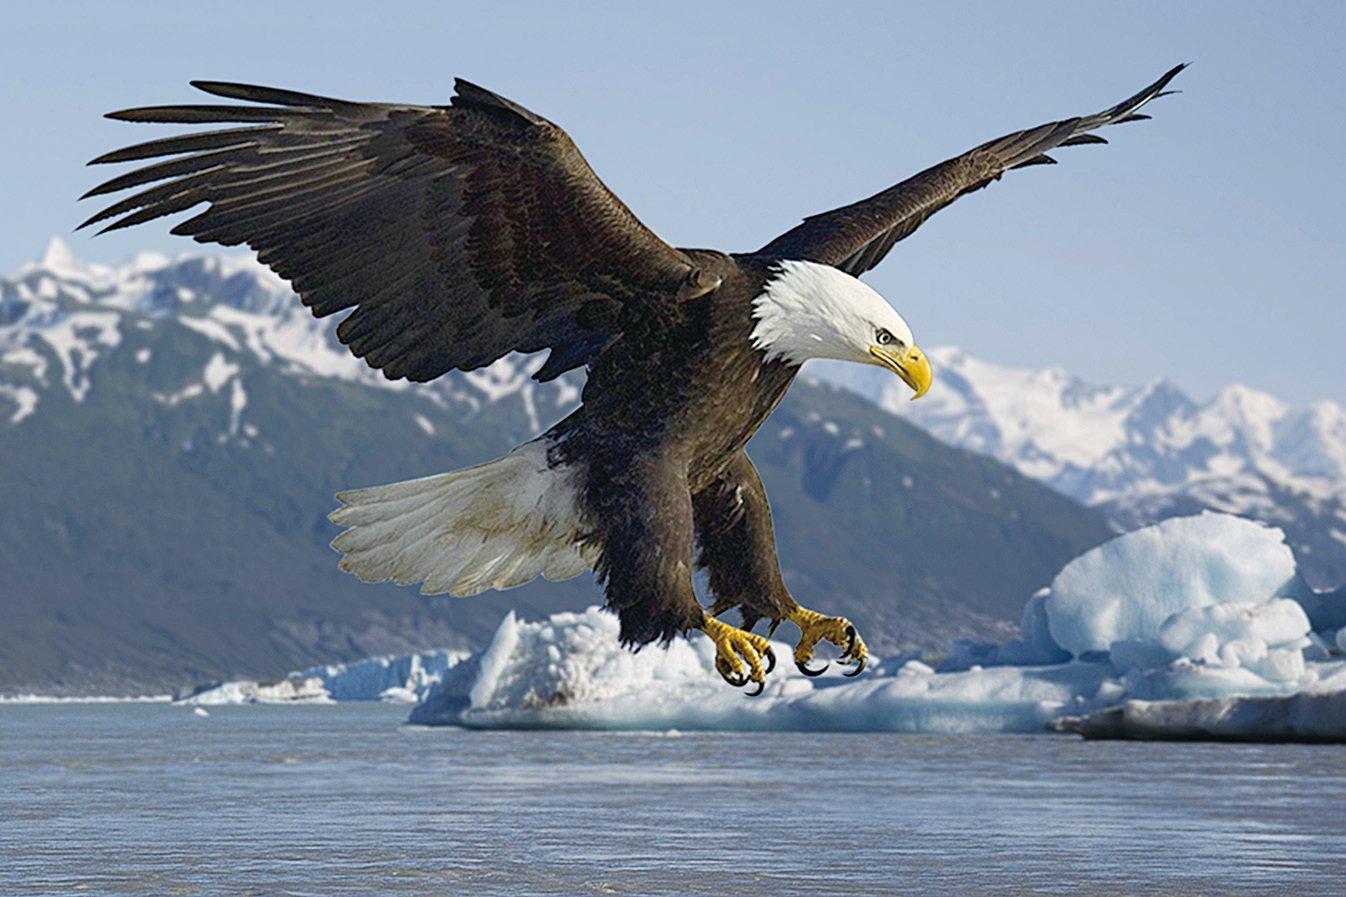 阿拉斯加最有名的飛禽——禿鷹,也叫白頭鷹,是美國的國鳥。(網絡圖片)